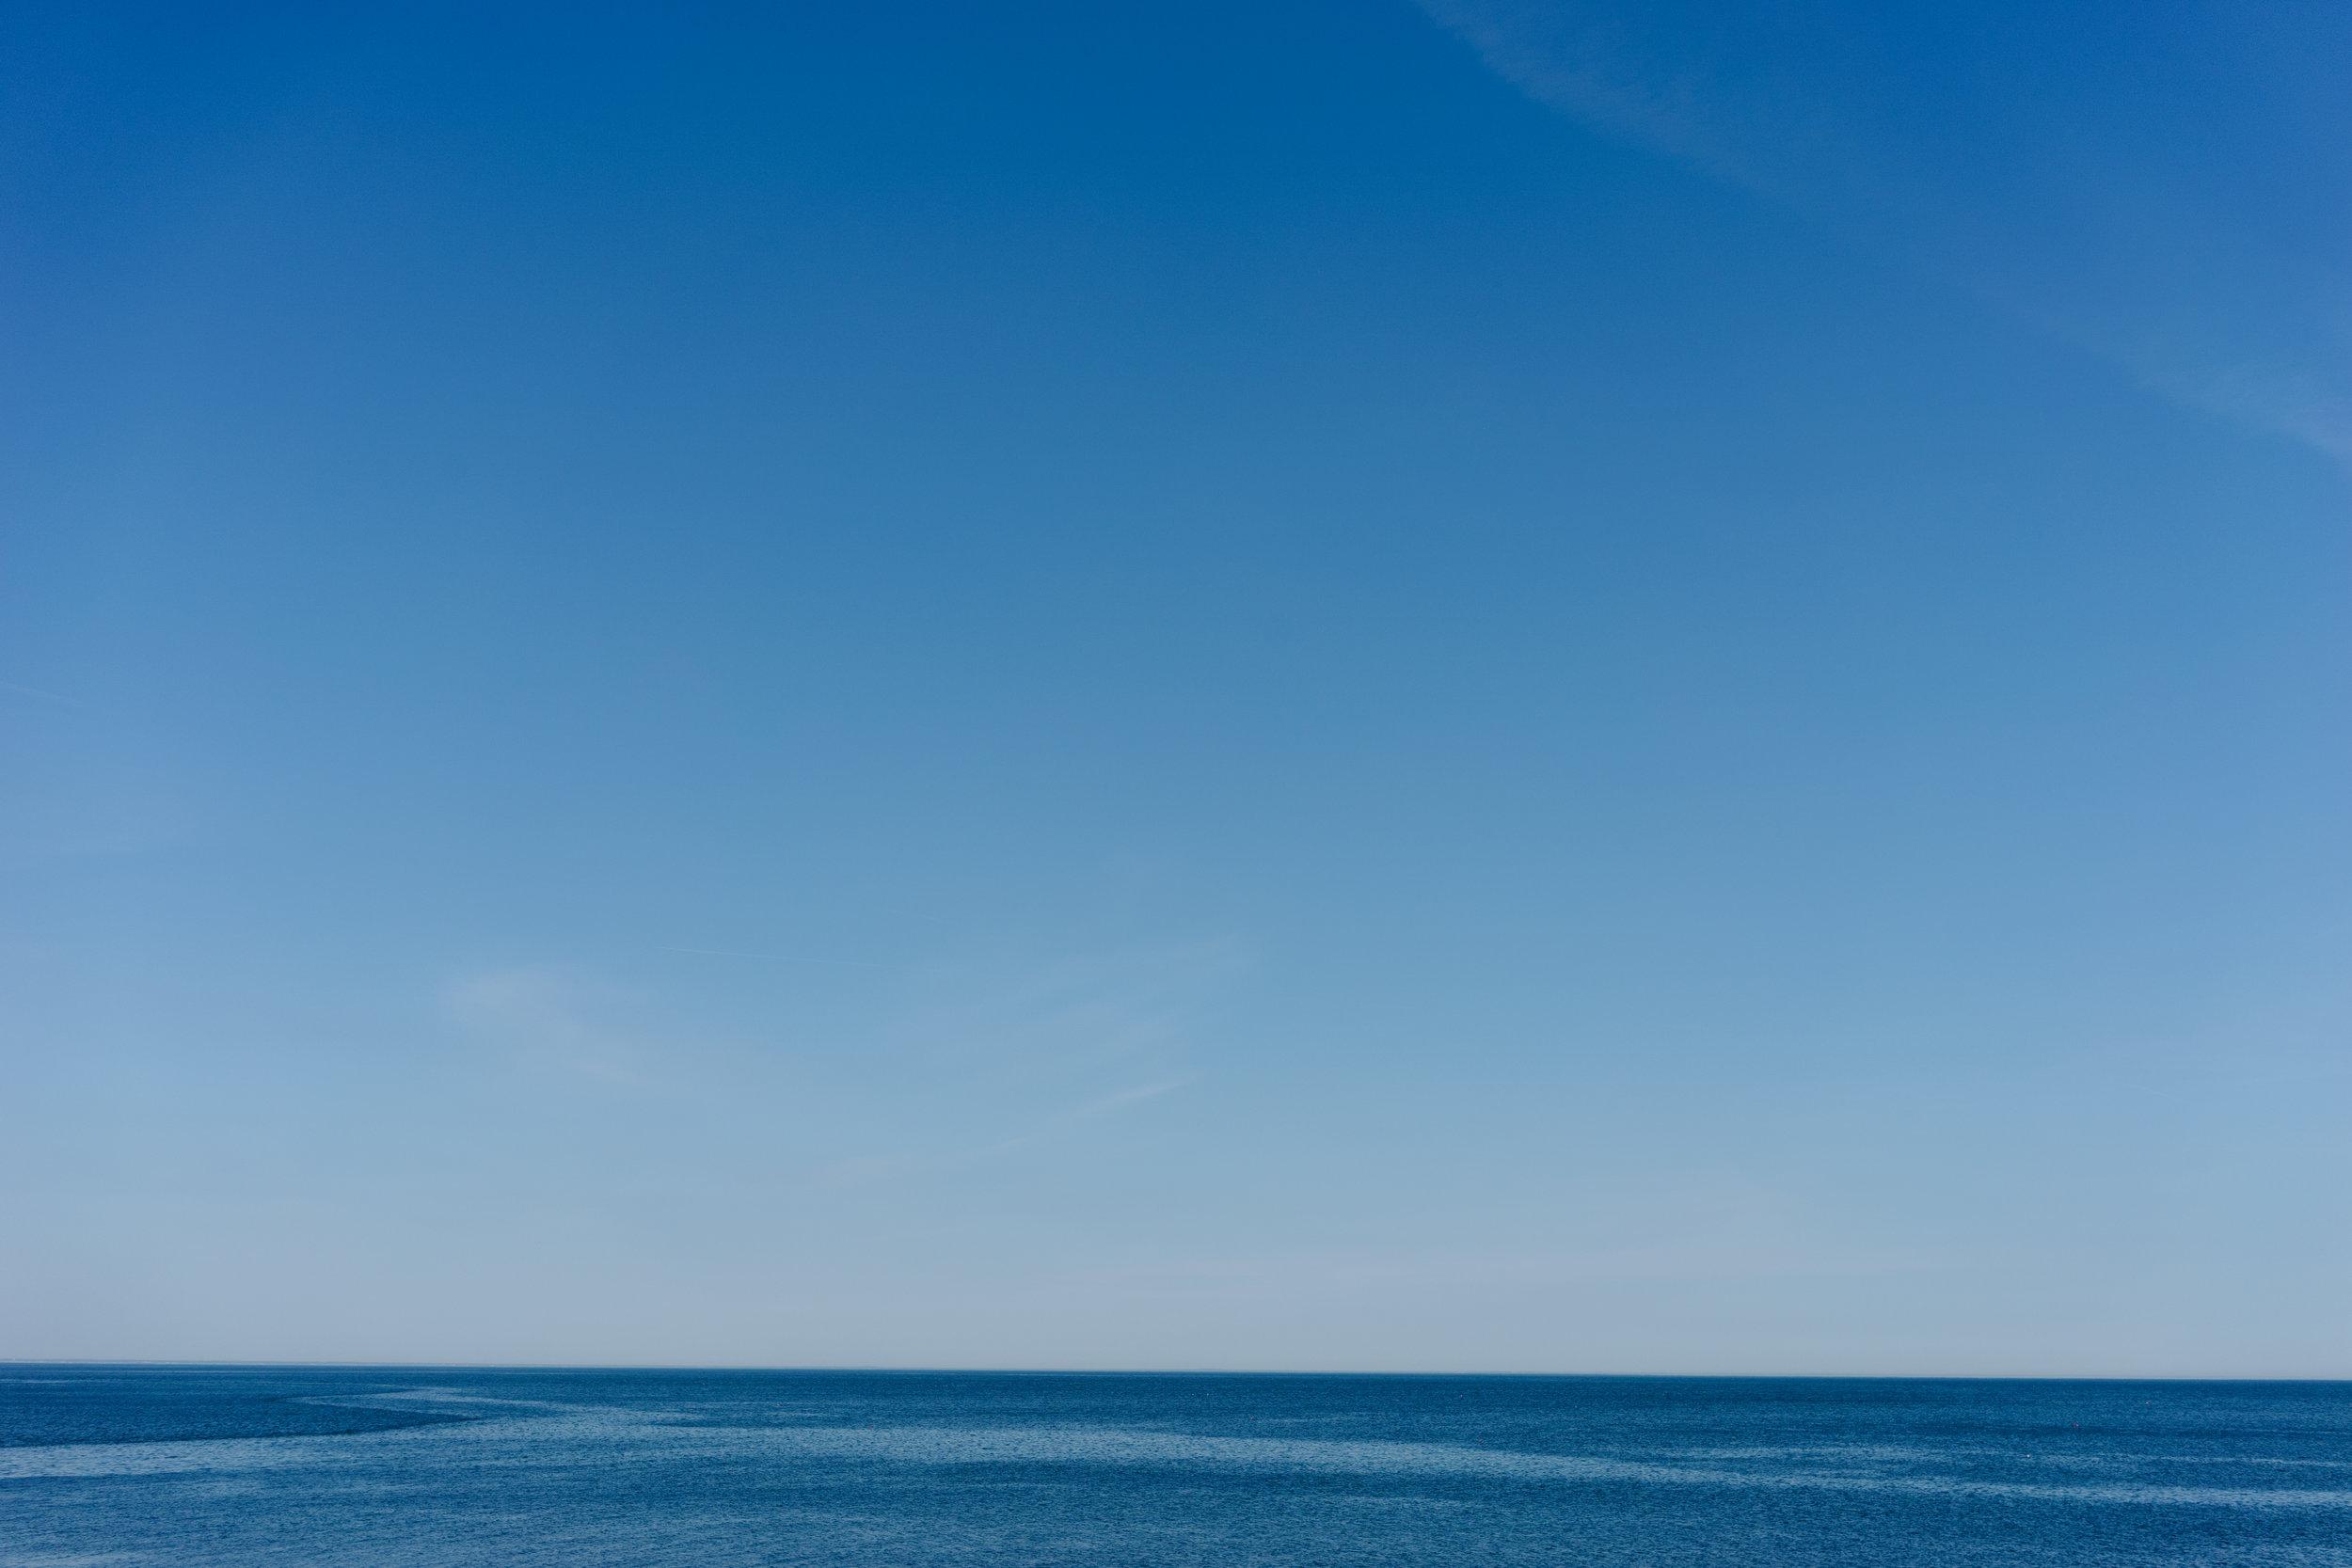 The Atlantic ocean seemed a bit calmer than the Pacific.